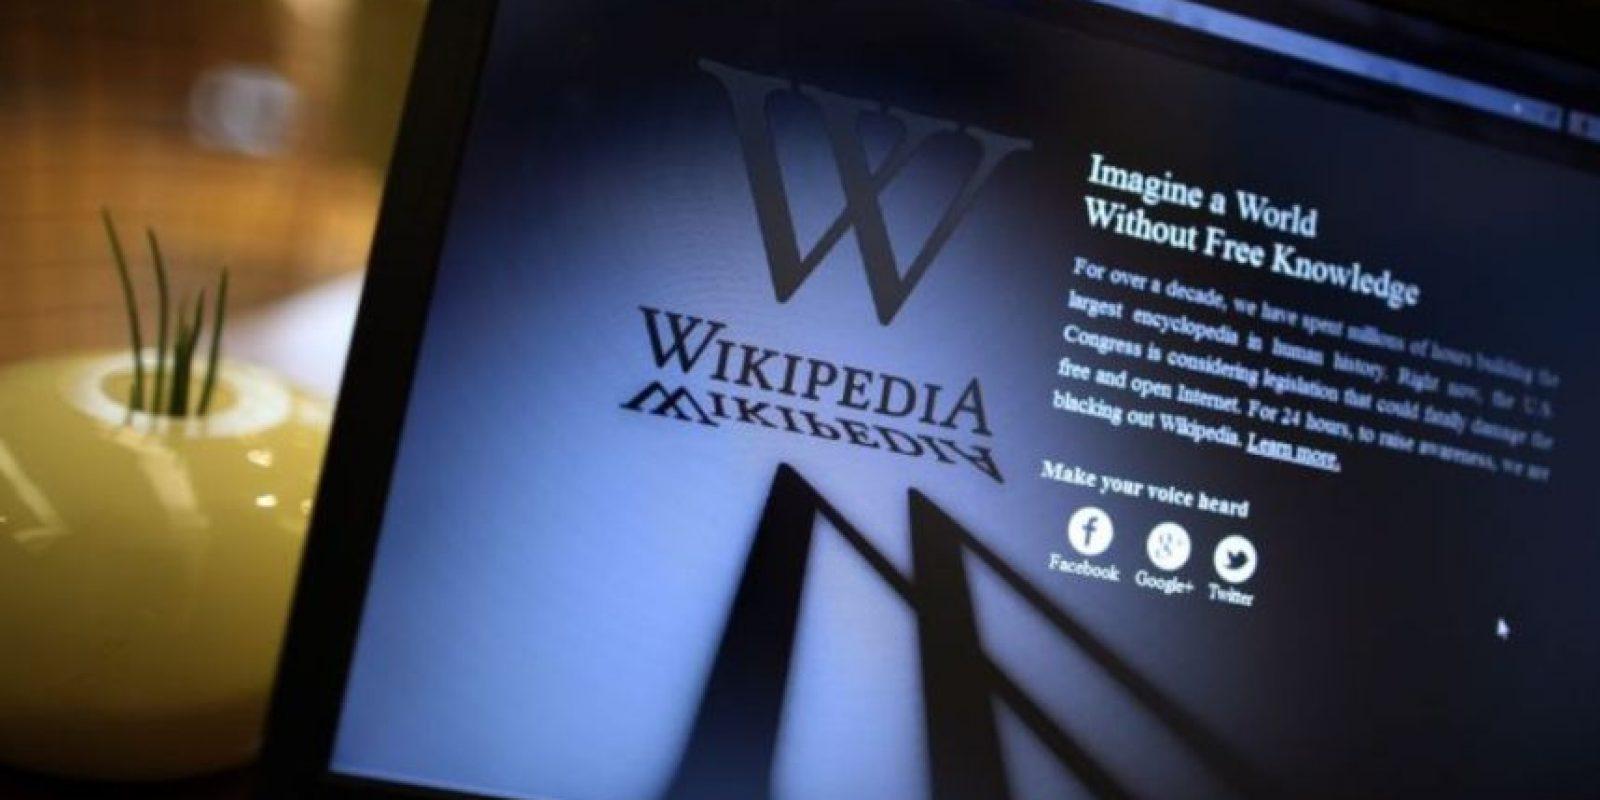 Wikiversidad, una plataforma educativa online libre y gratuita, donde se pueden crear proyectos de aprendizaje de cualquier nivel educativo o crear contenidos didácticos, como exámenes o ejercicios prácticos. Foto:Getty Images